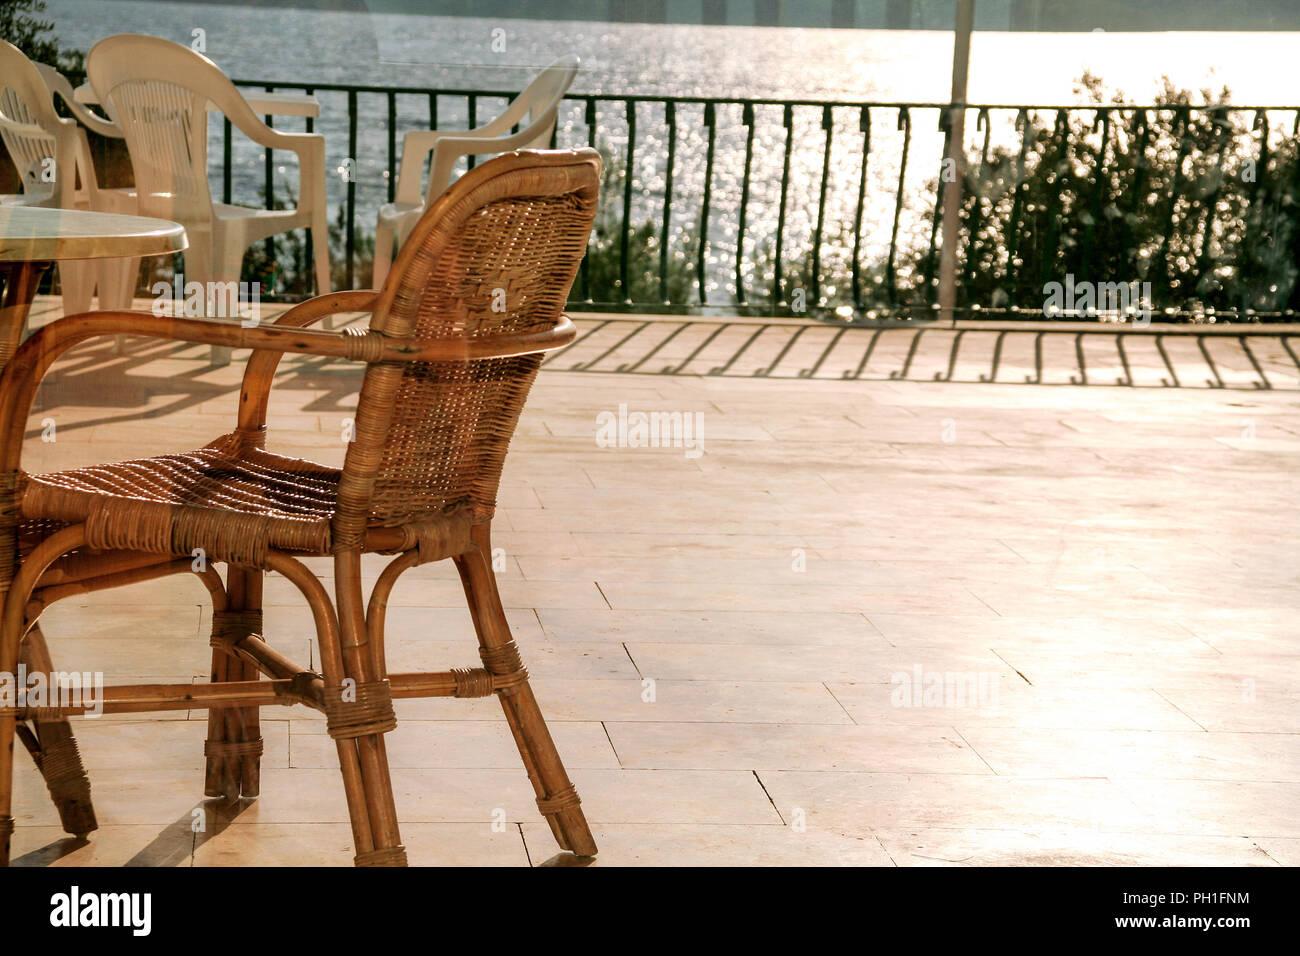 Stock Sedie Di Legno.Sedie Sul Balcone Sedie Di Legno Sul Balcone Con Una Bella Vista